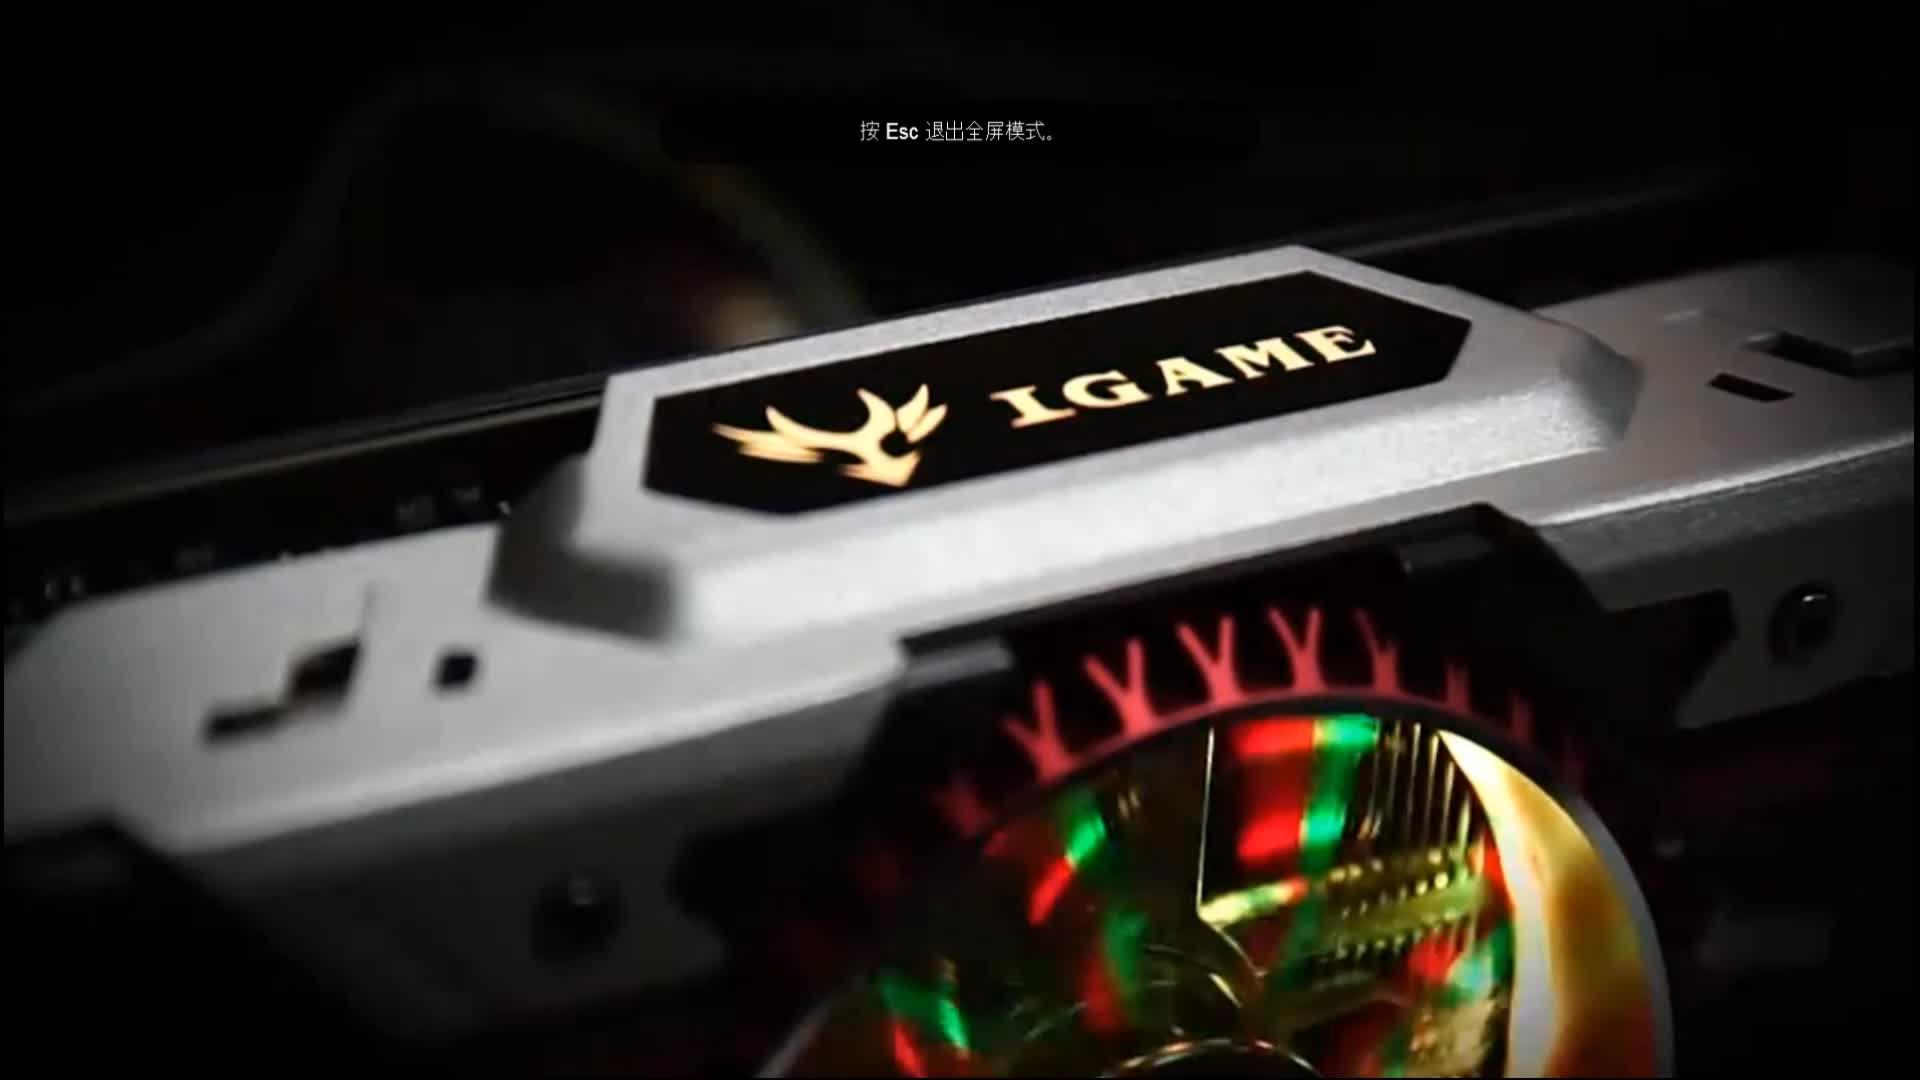 七彩虹iGame1080烈焰战神X-8GD5XTopAD显卡效果视频